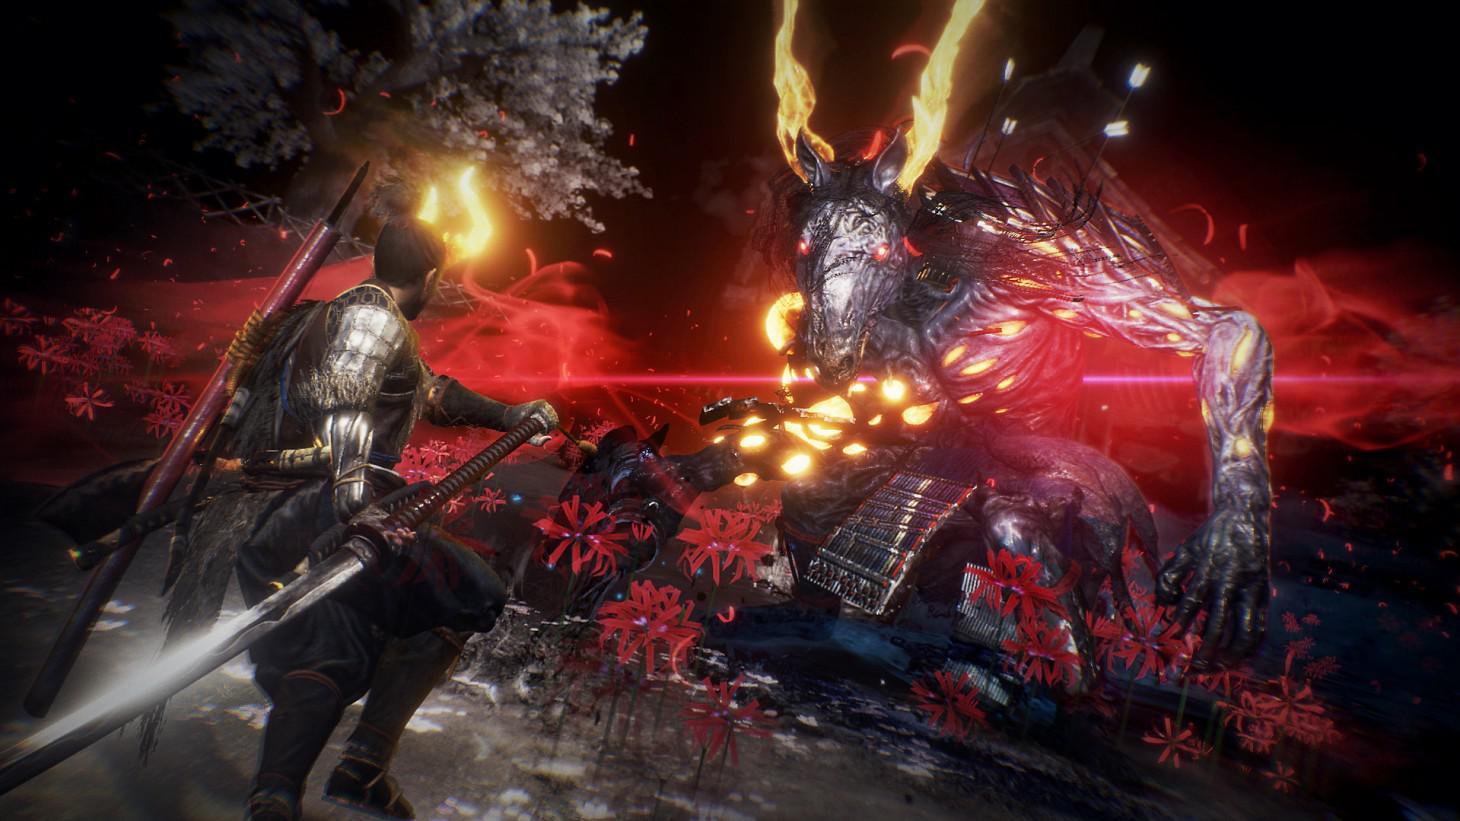 Nioh 2, Death Stranding и Metro Exodus — что купитьна распродаже в PS Store?